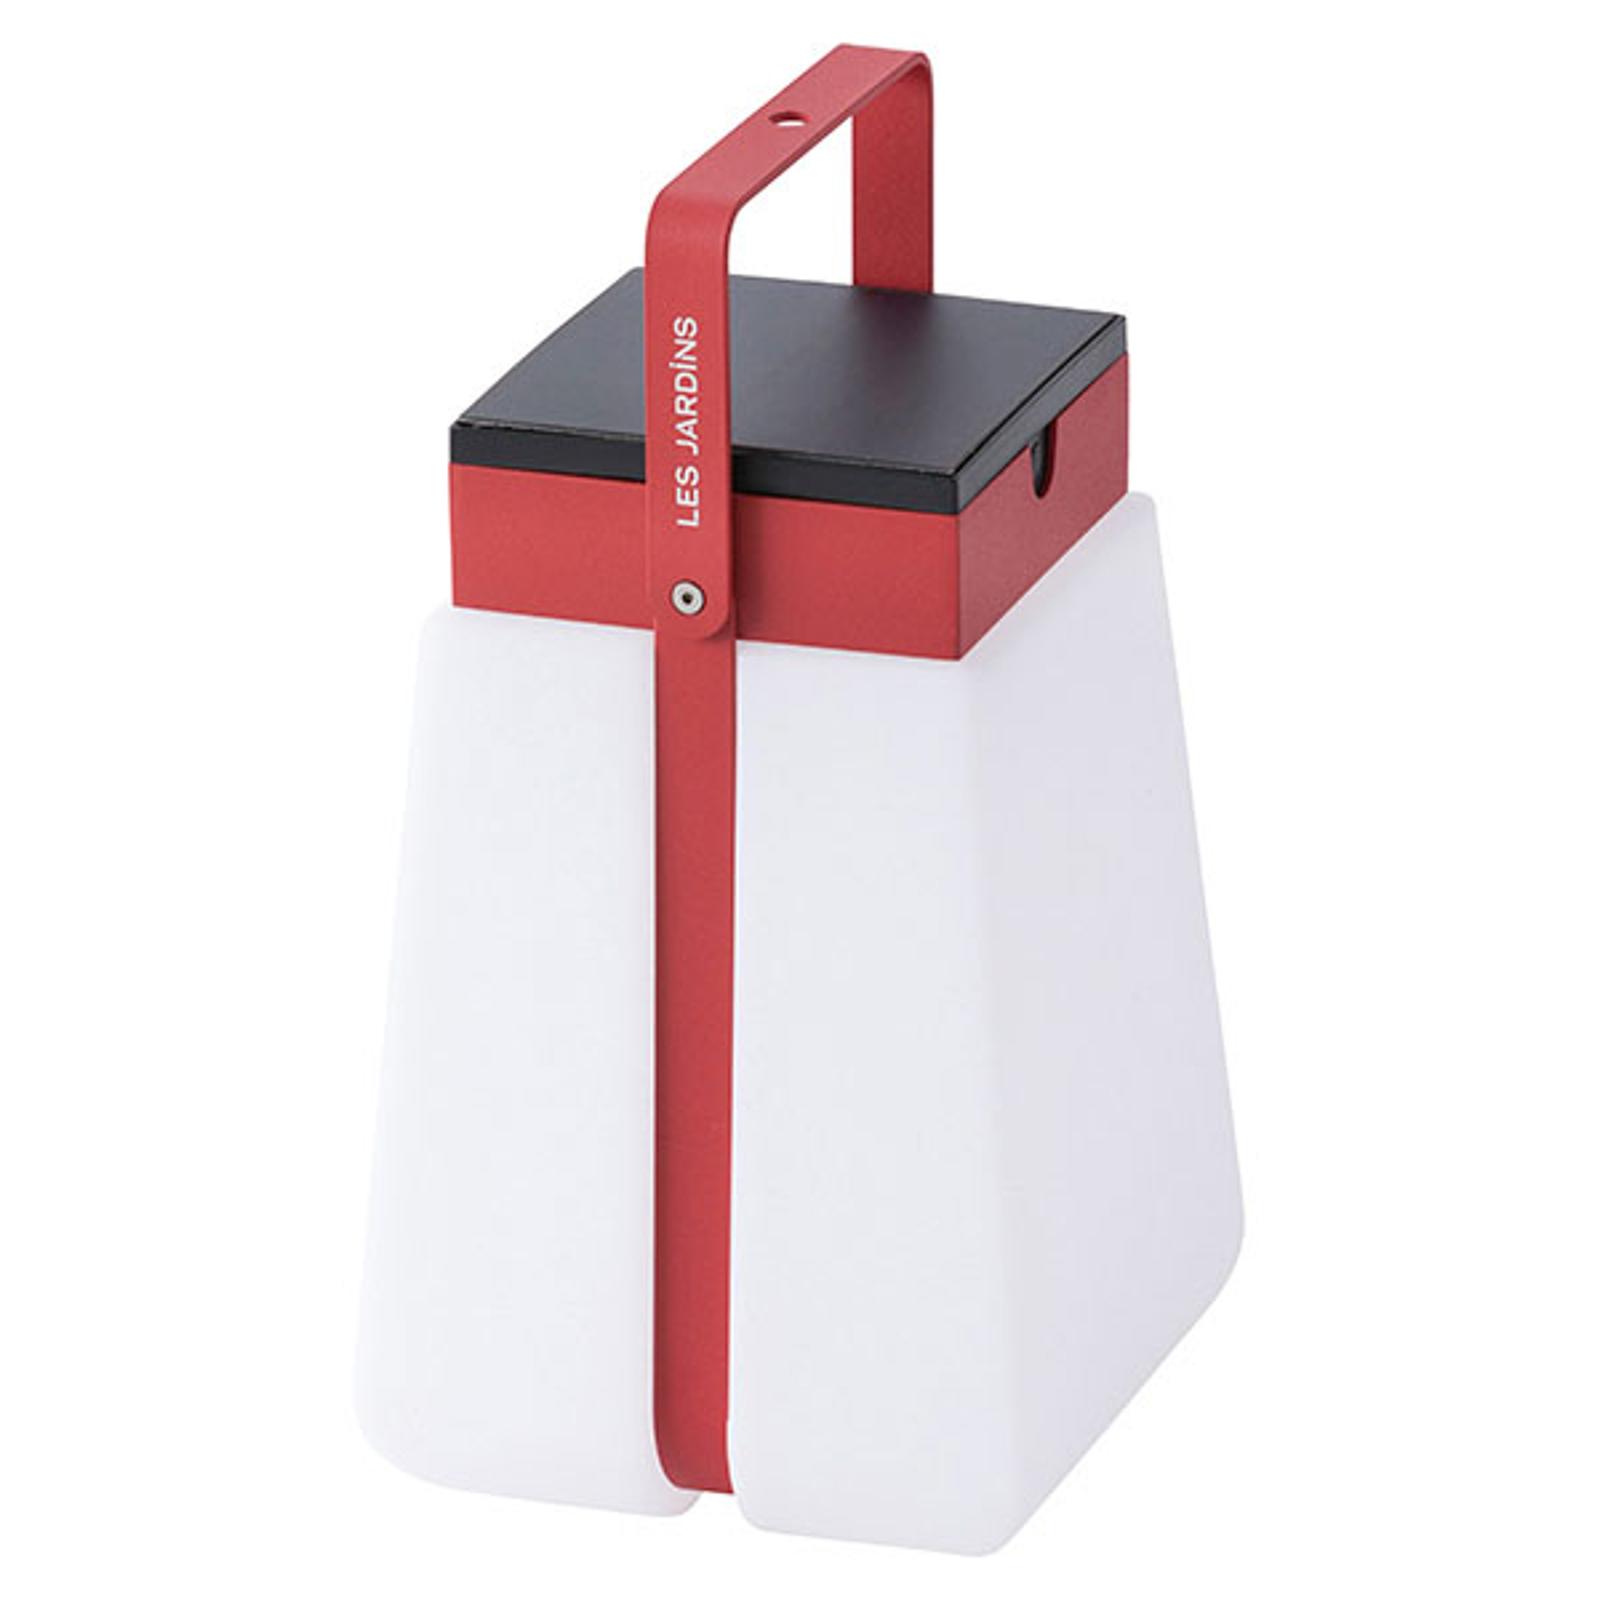 LED-Solarlaterne Bump 300 tragbar, rot